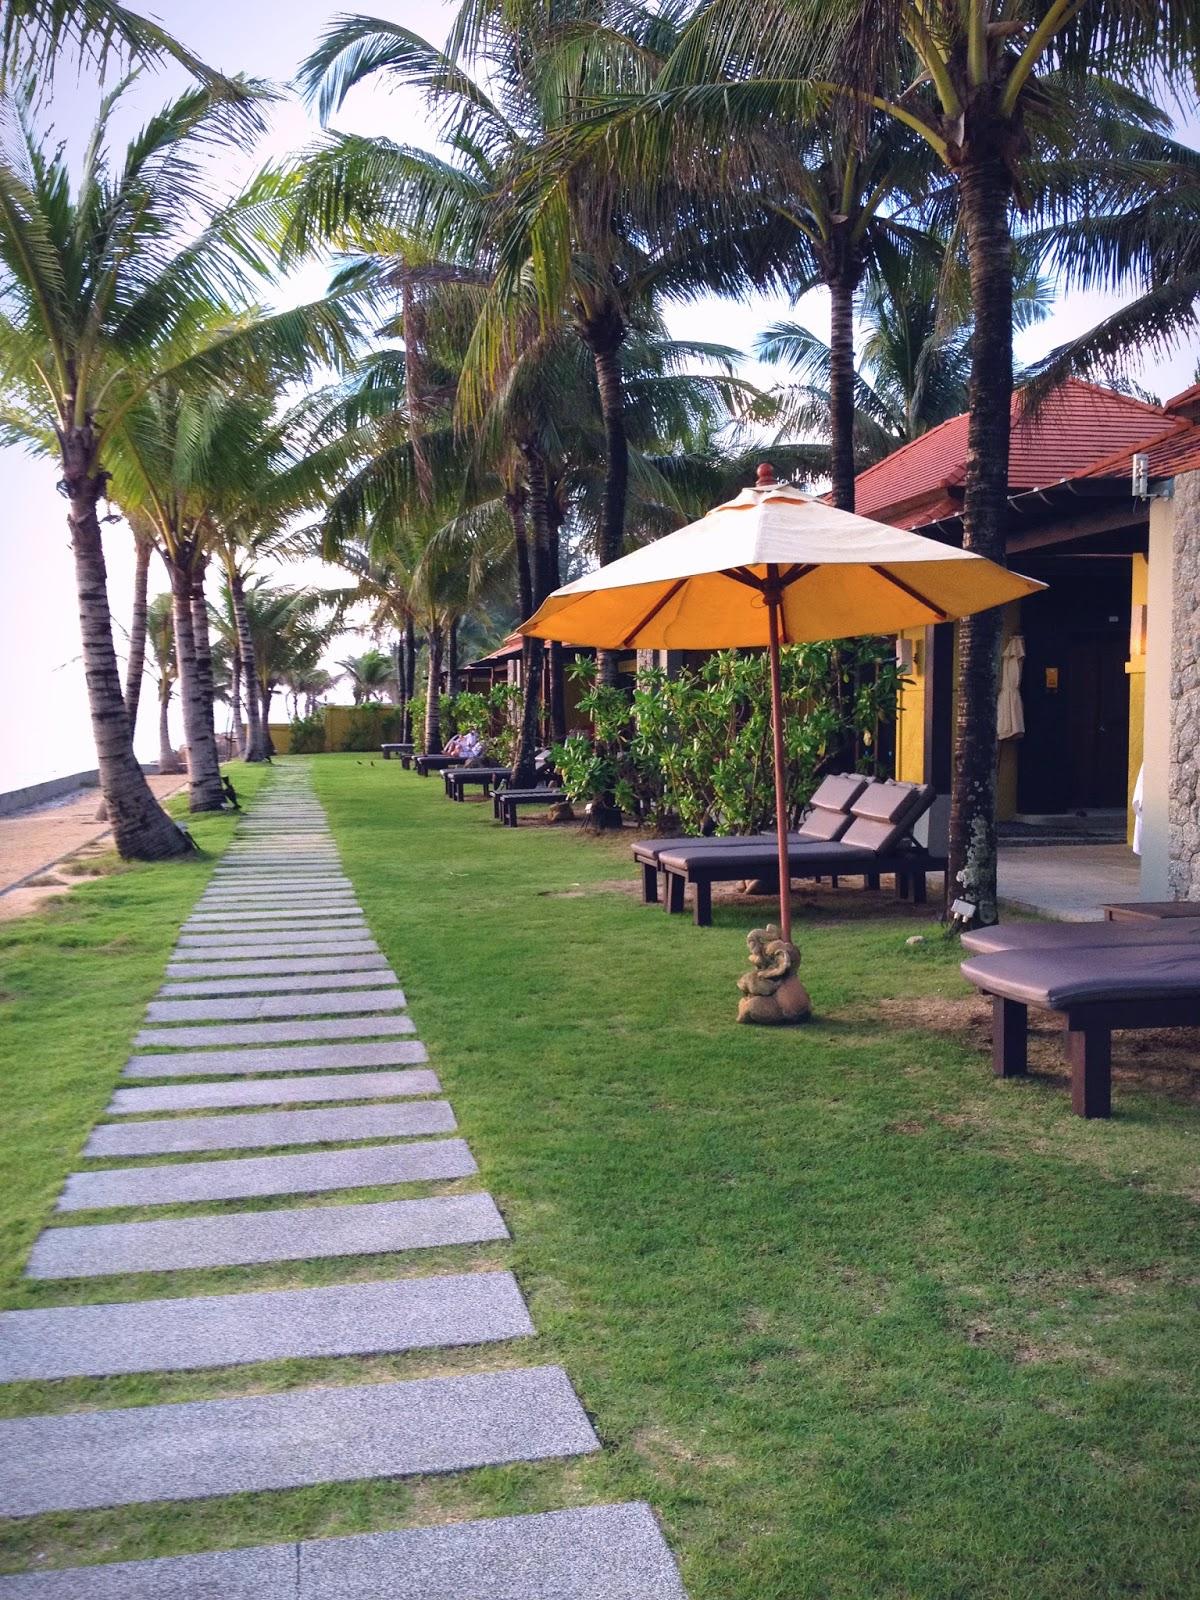 yiweilim, yi wei lim, yiwei lim, yi wei lim blogspot, khao lak, phuket, bang niang beach, bang niang, phangnga, chongfah resort, chongfah boutique hotel, chongfah khao lak